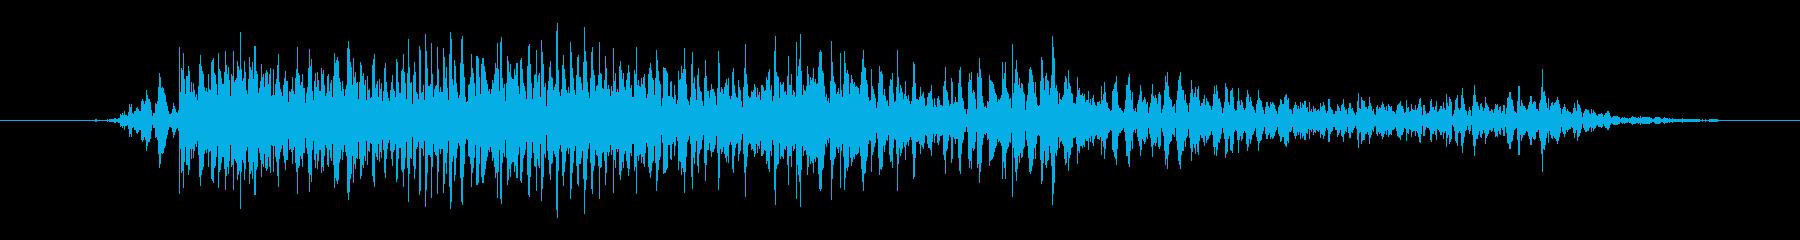 モンスター 窒息ゾンビ05の再生済みの波形